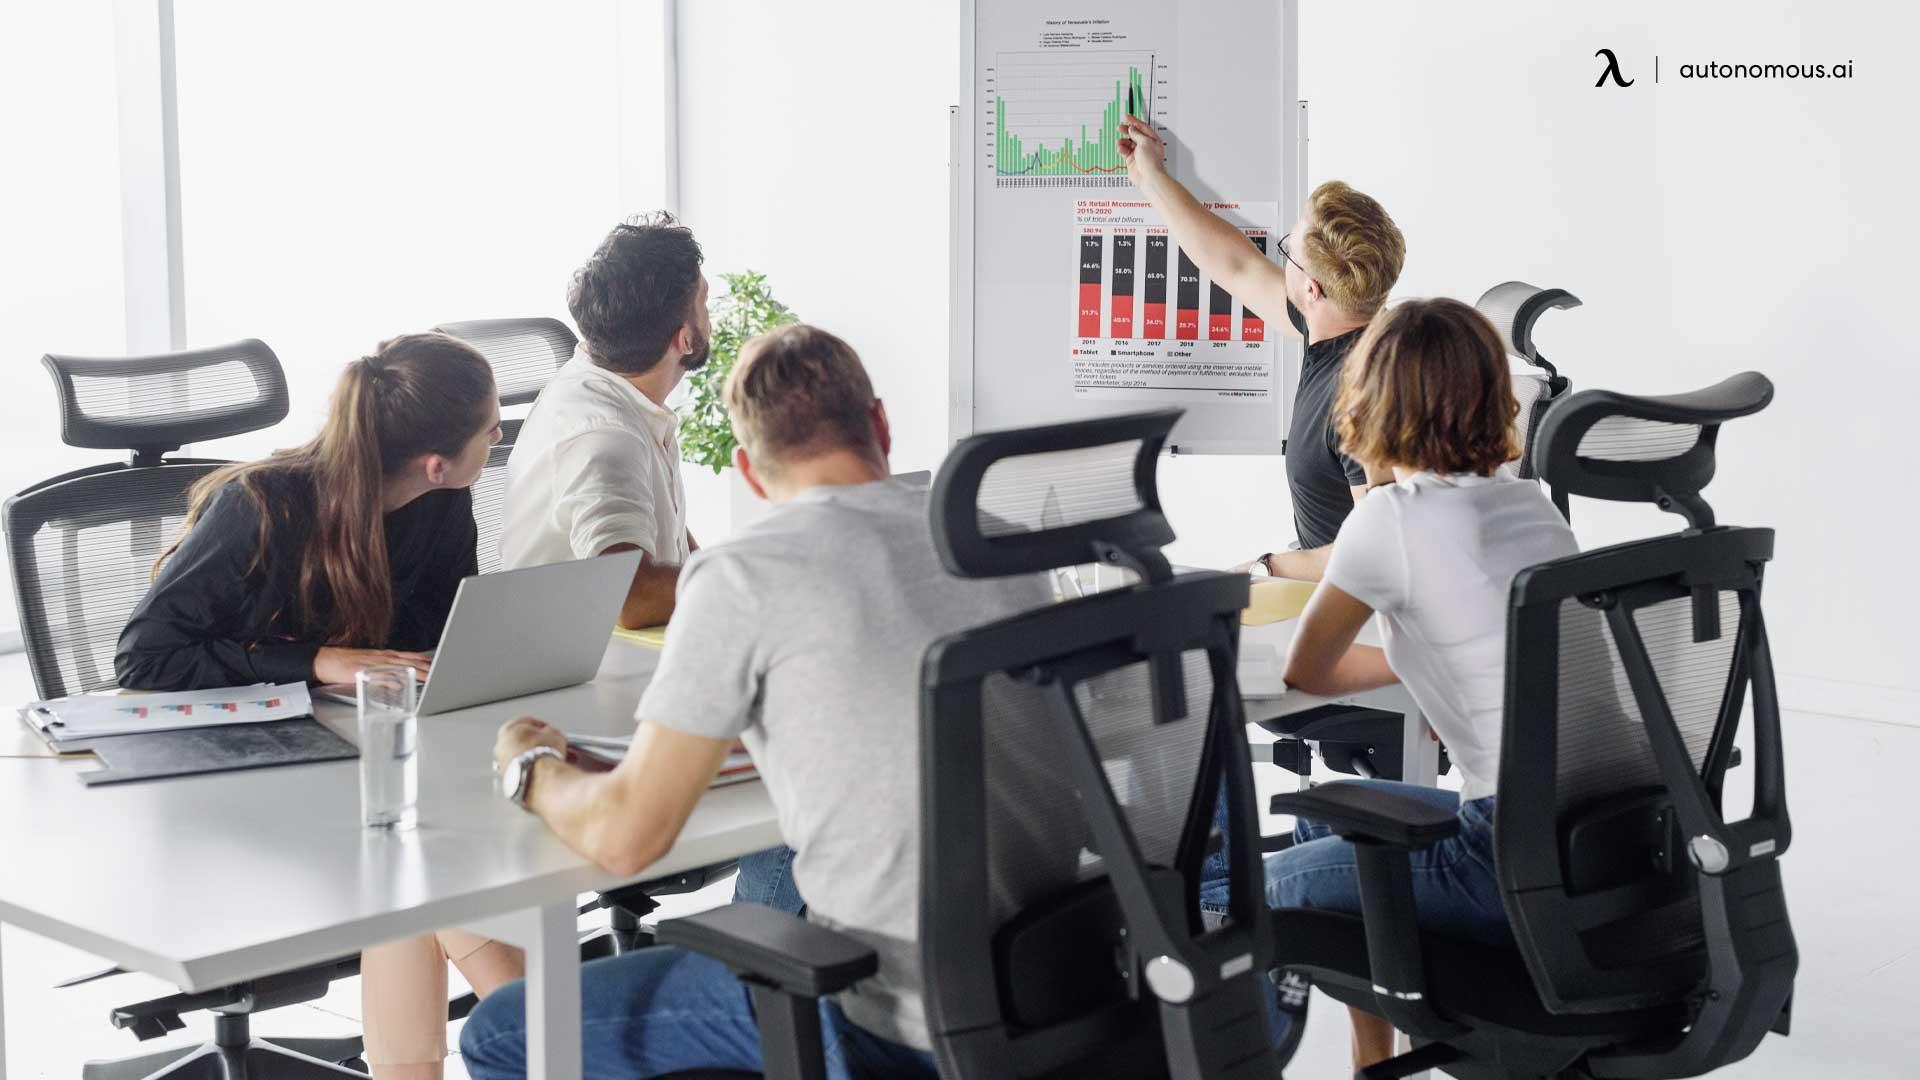 Team work at smart desk